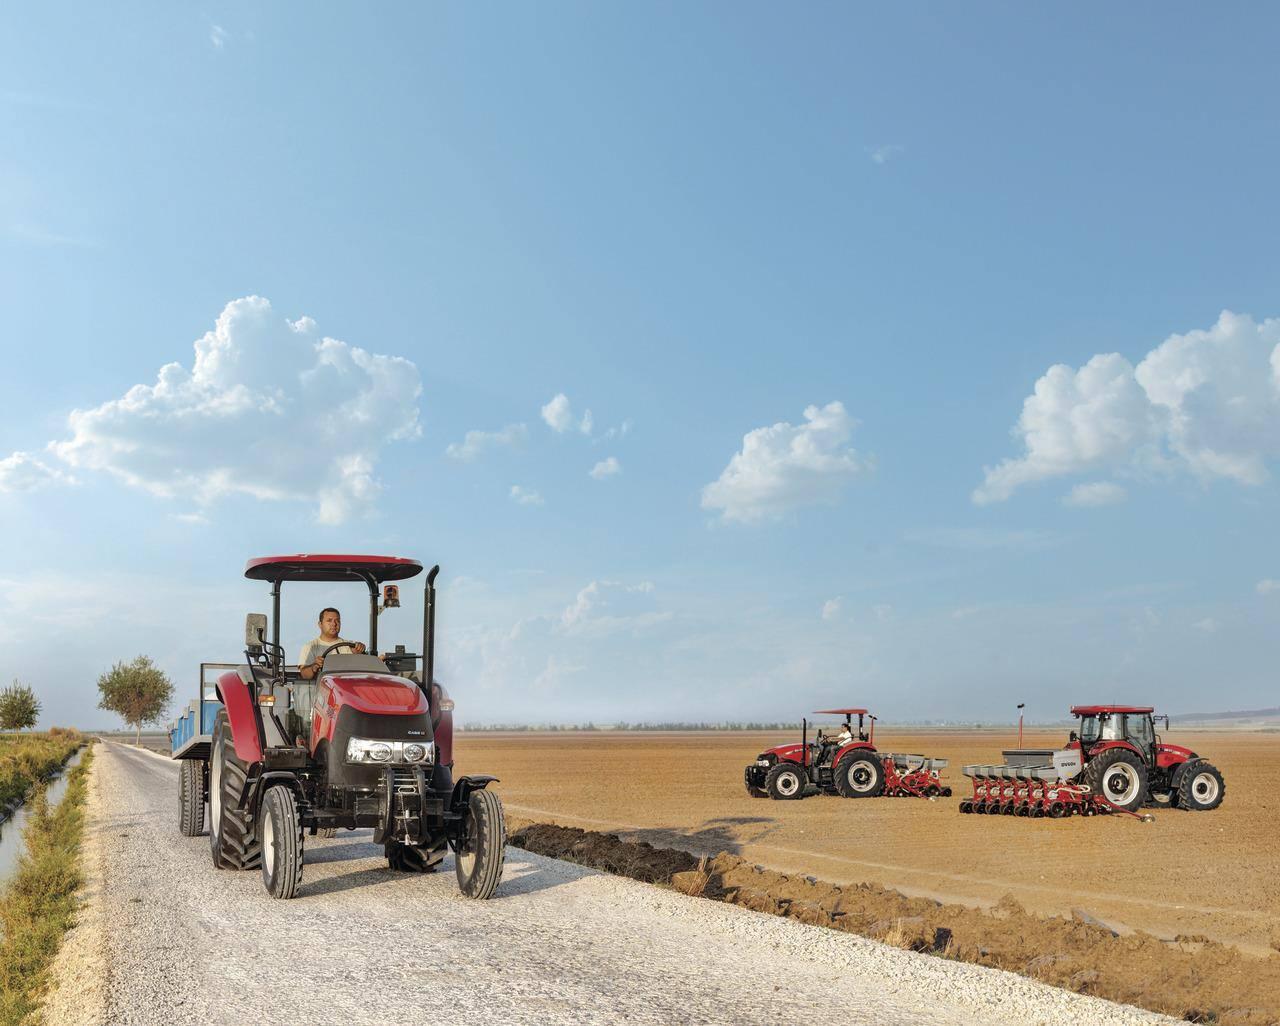 ... jx60 jx70 jx80 jx90 jx95 operators manual rh agrimanuals com Array -  farmall jx tractors case ih rh caseih com